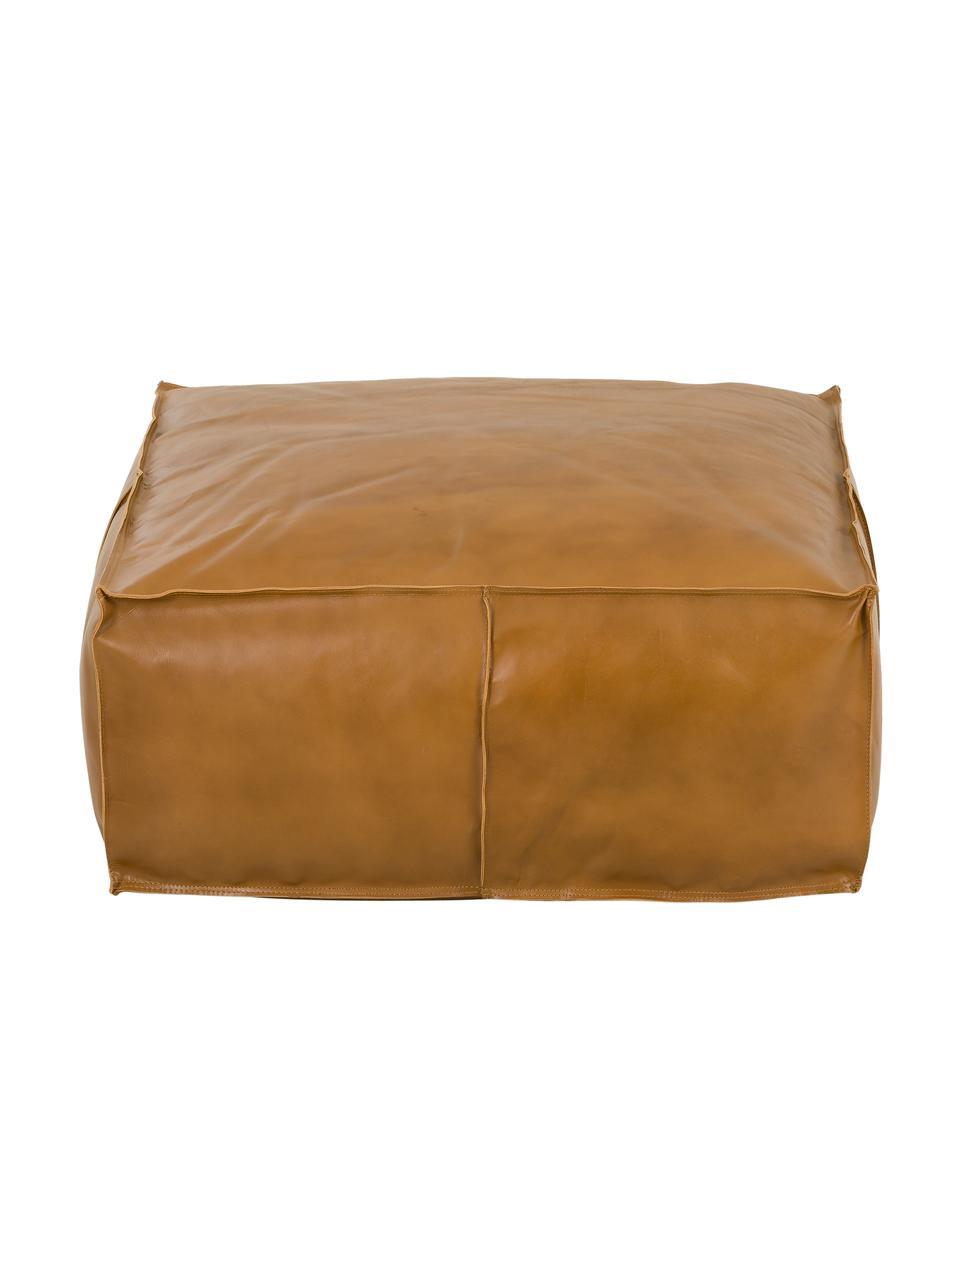 Großer Leder-Pouf Arabica, Bezug: Büffelleder, Nappa-Finish, Unterseite: Baumwolle, Cognac, 70 x 30 cm